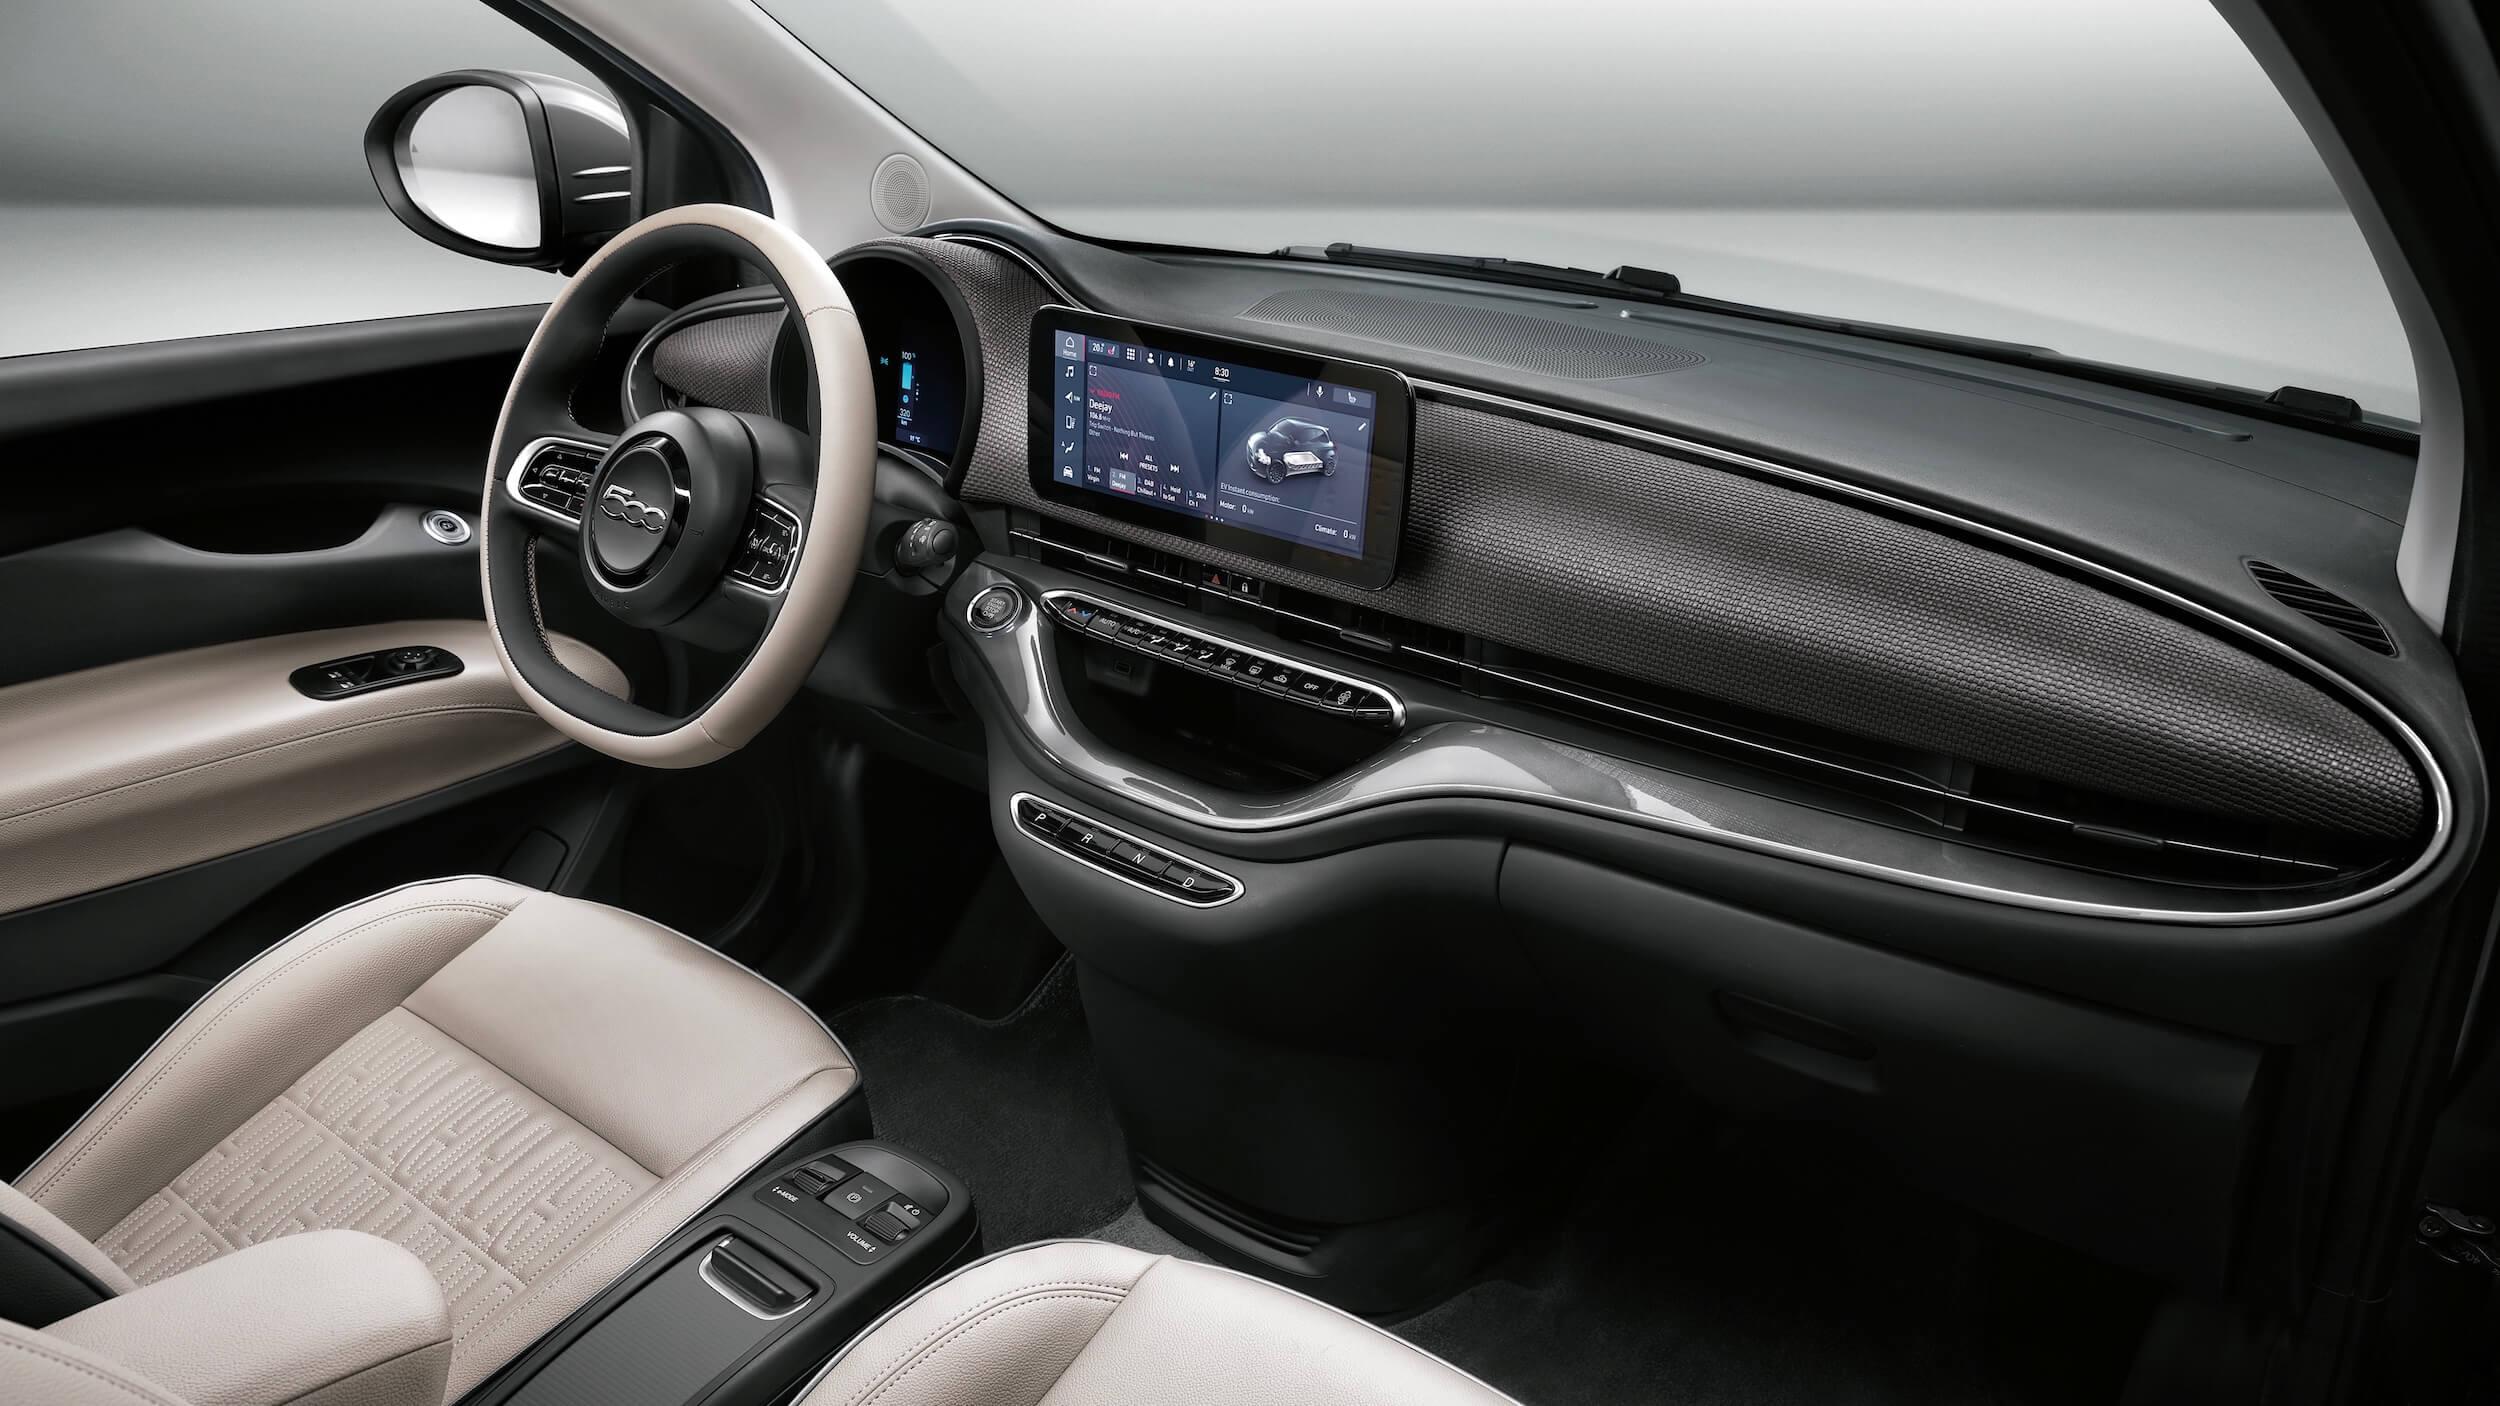 Fiat 500e dashboard 2021